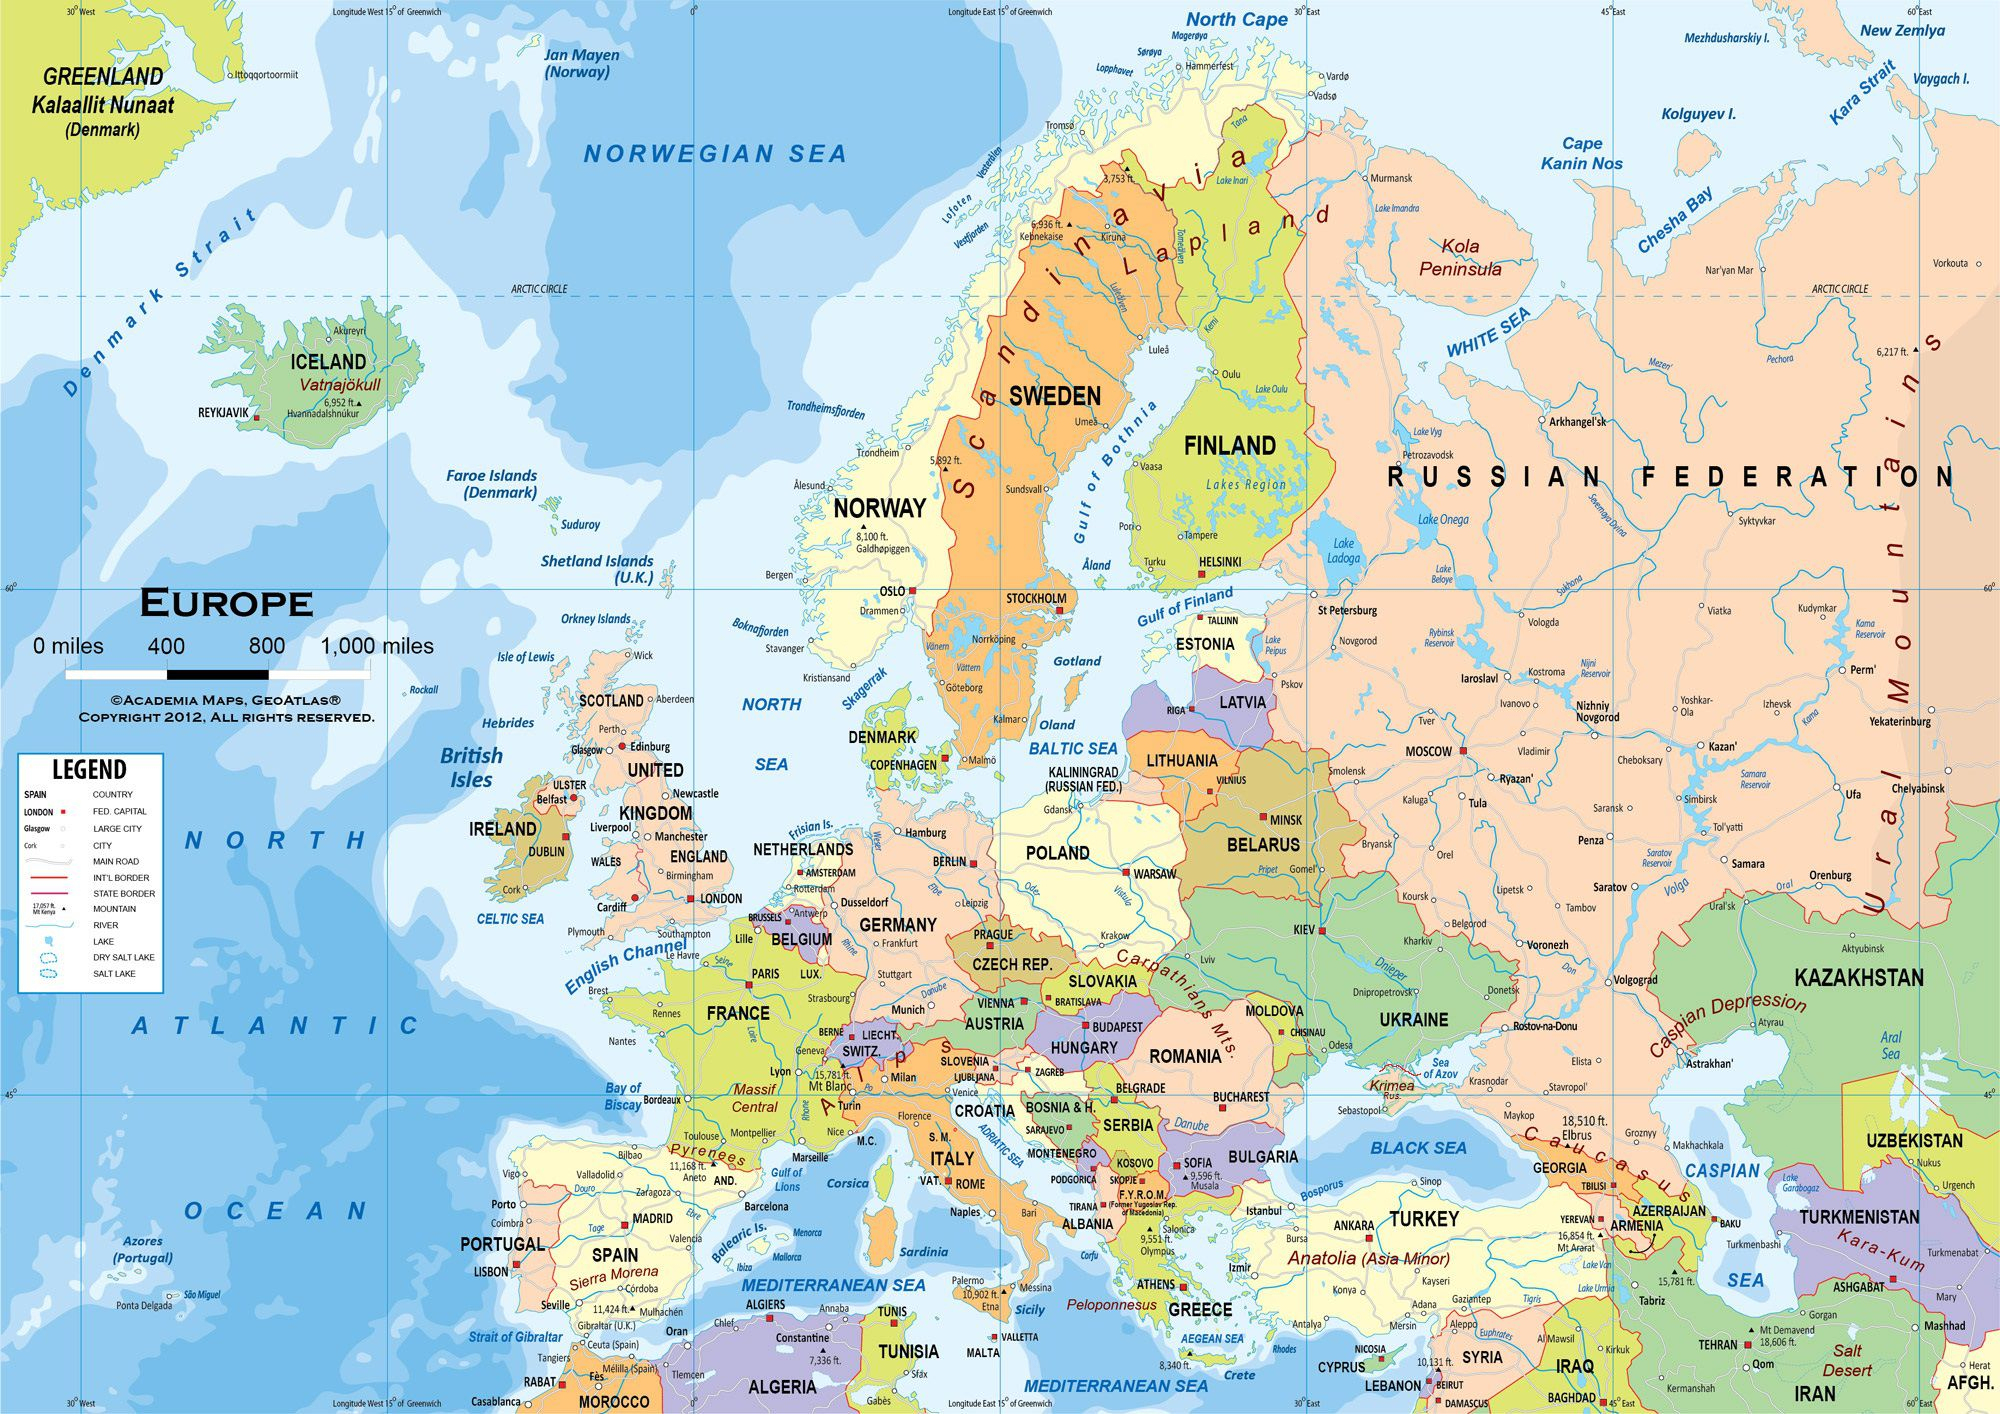 Carte Grandes Villes D'europe - Slubne-Suknie pour Carte De L Europe 2017